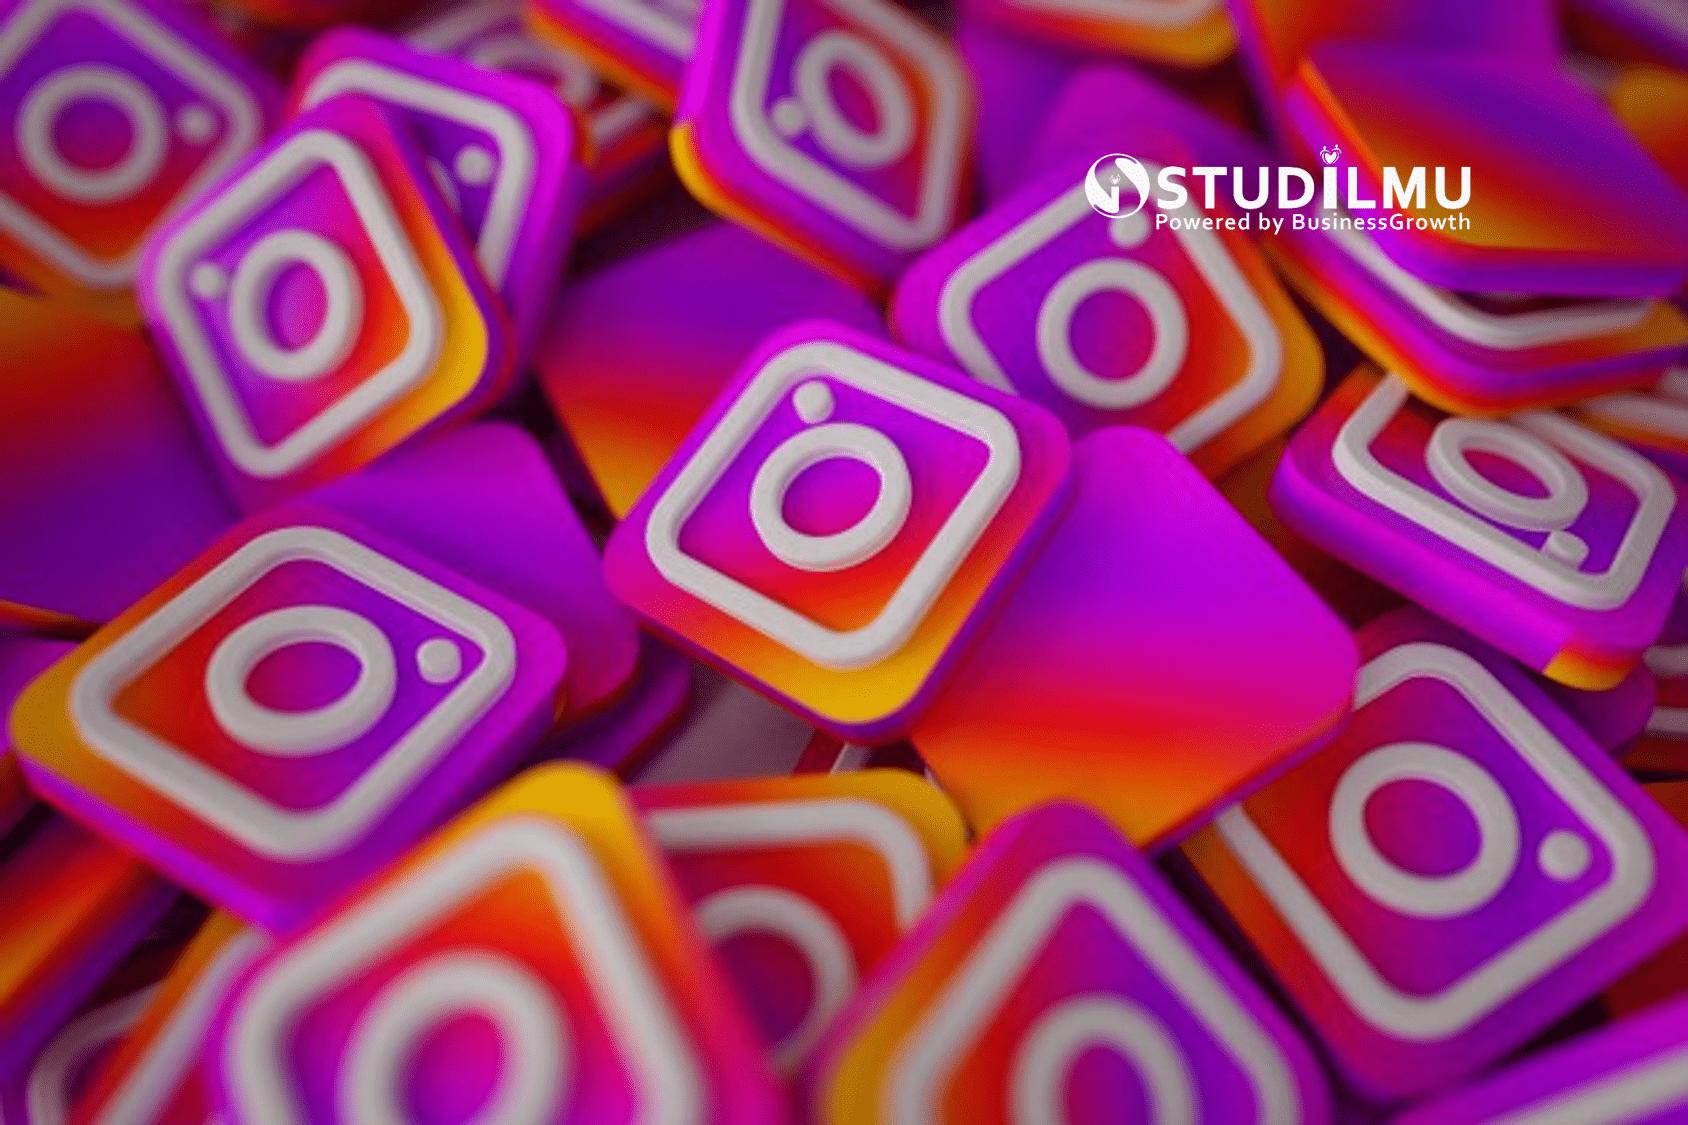 STUDILMU Career Advice - 5 Strategi Pemasaran di Instagram yang Perlu Dilakukan